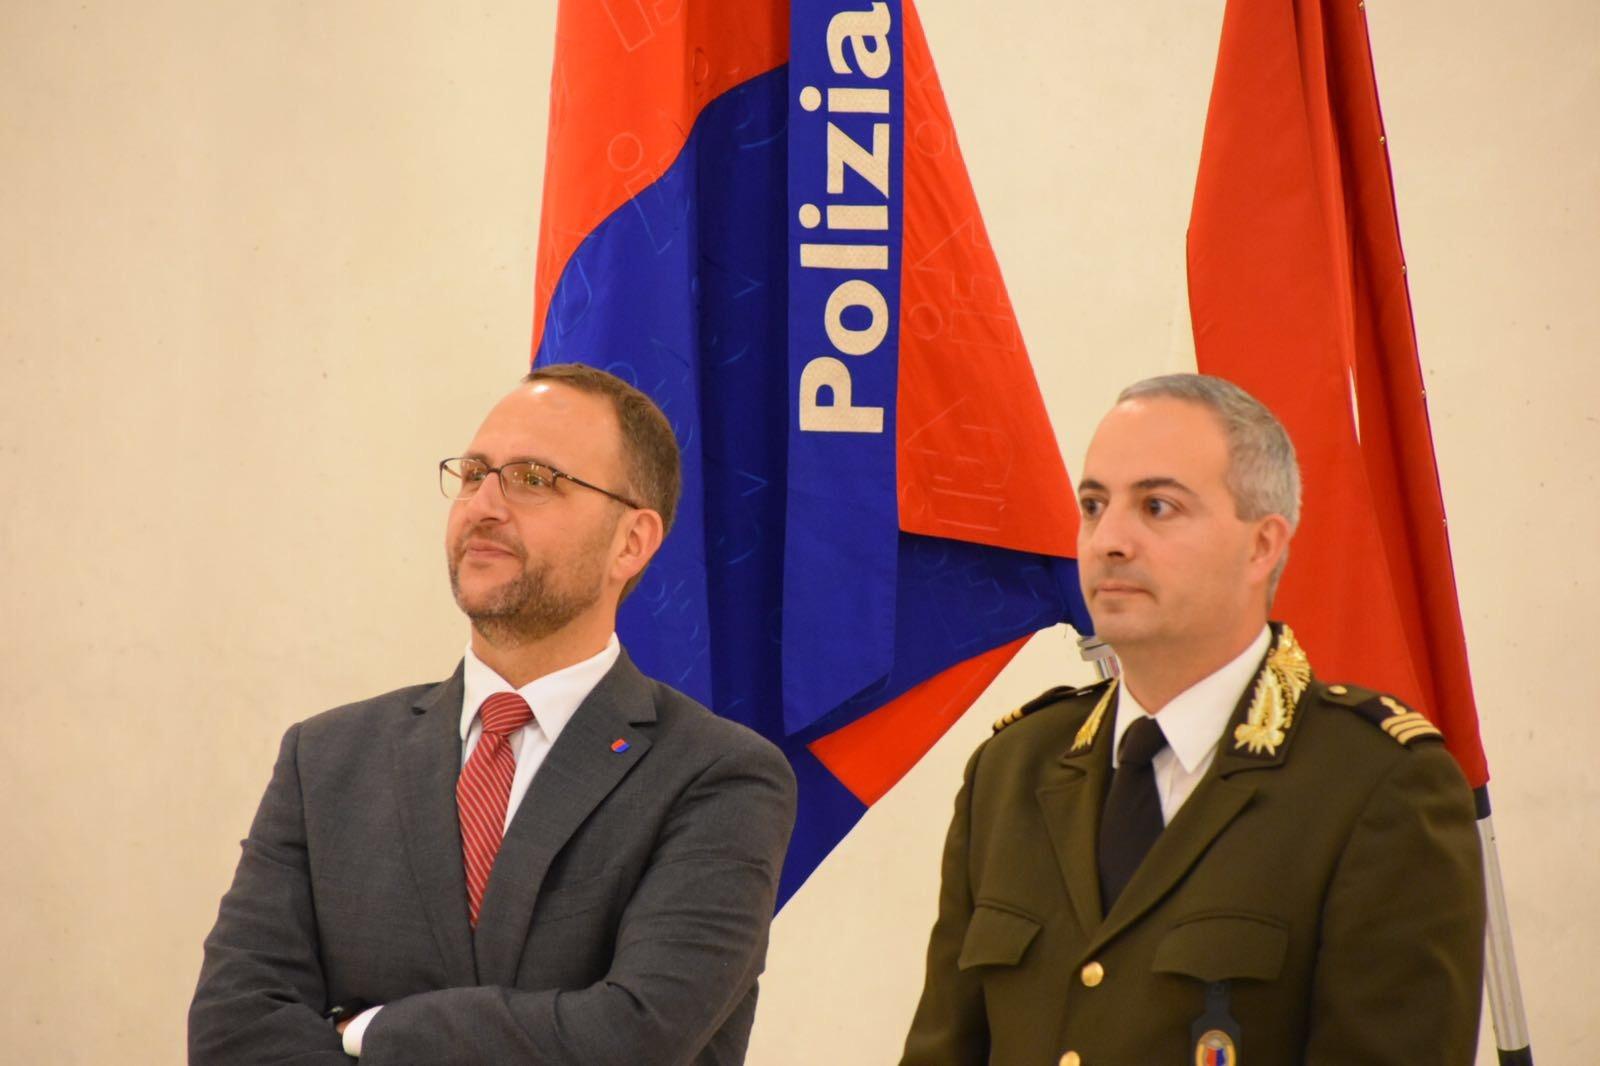 Un 2017 nel segno della professionalità per la Polizia cantonale